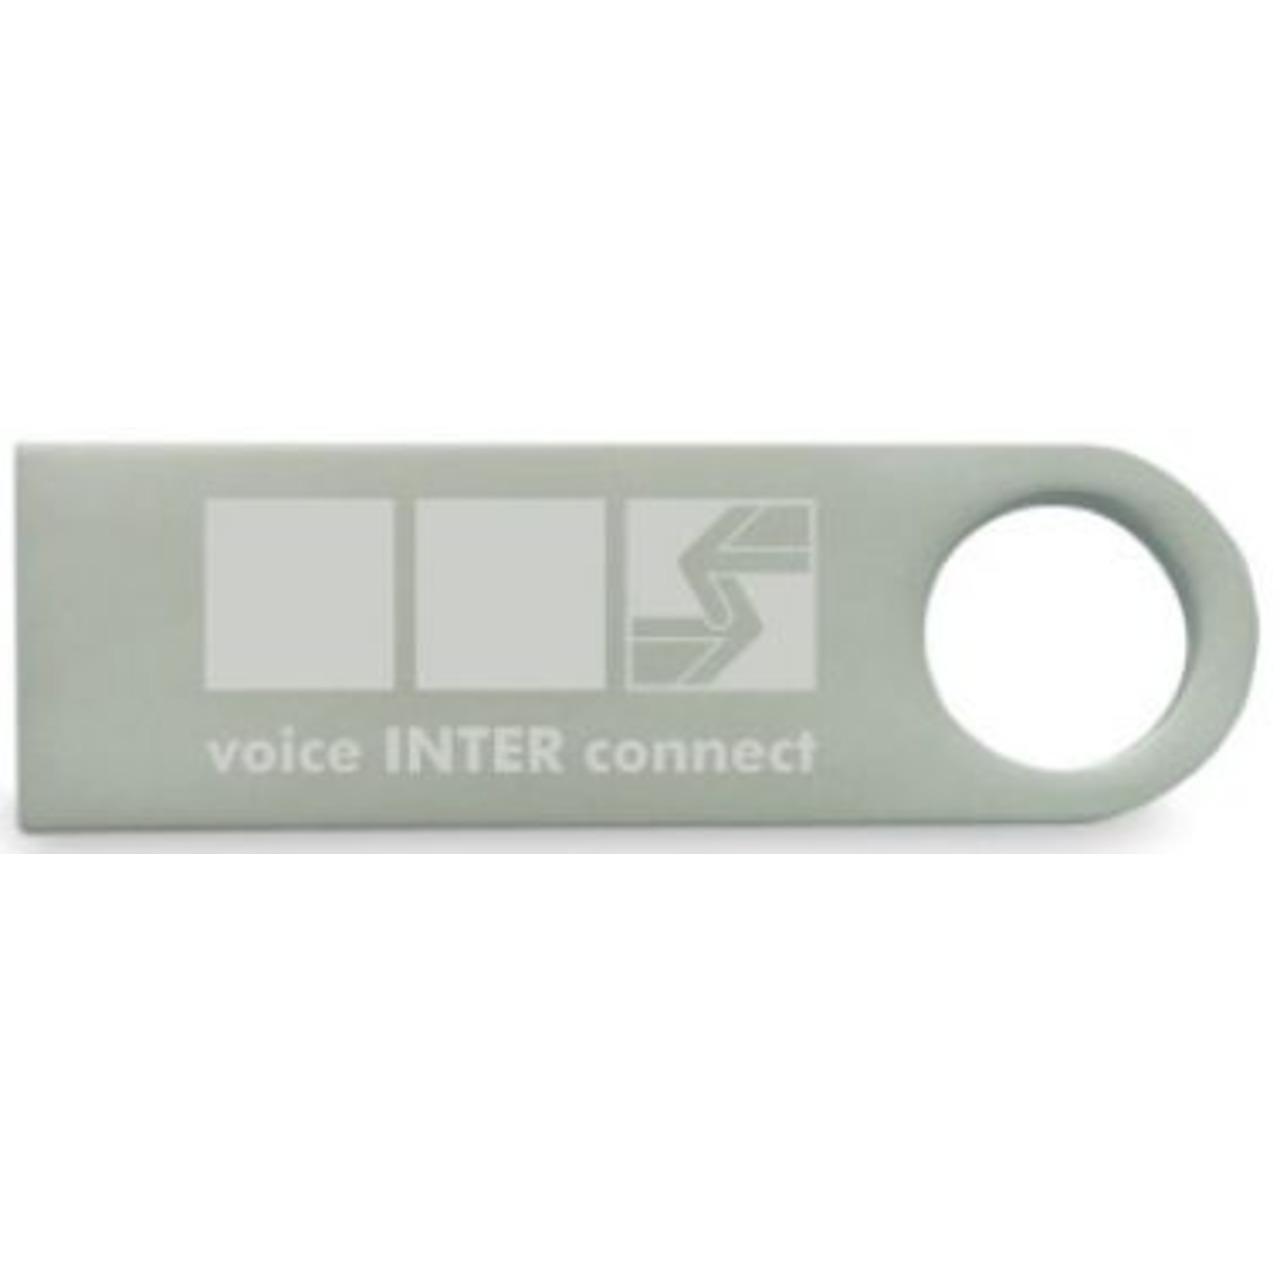 vicCONTROL go stick, Offline Sprachsteuerung